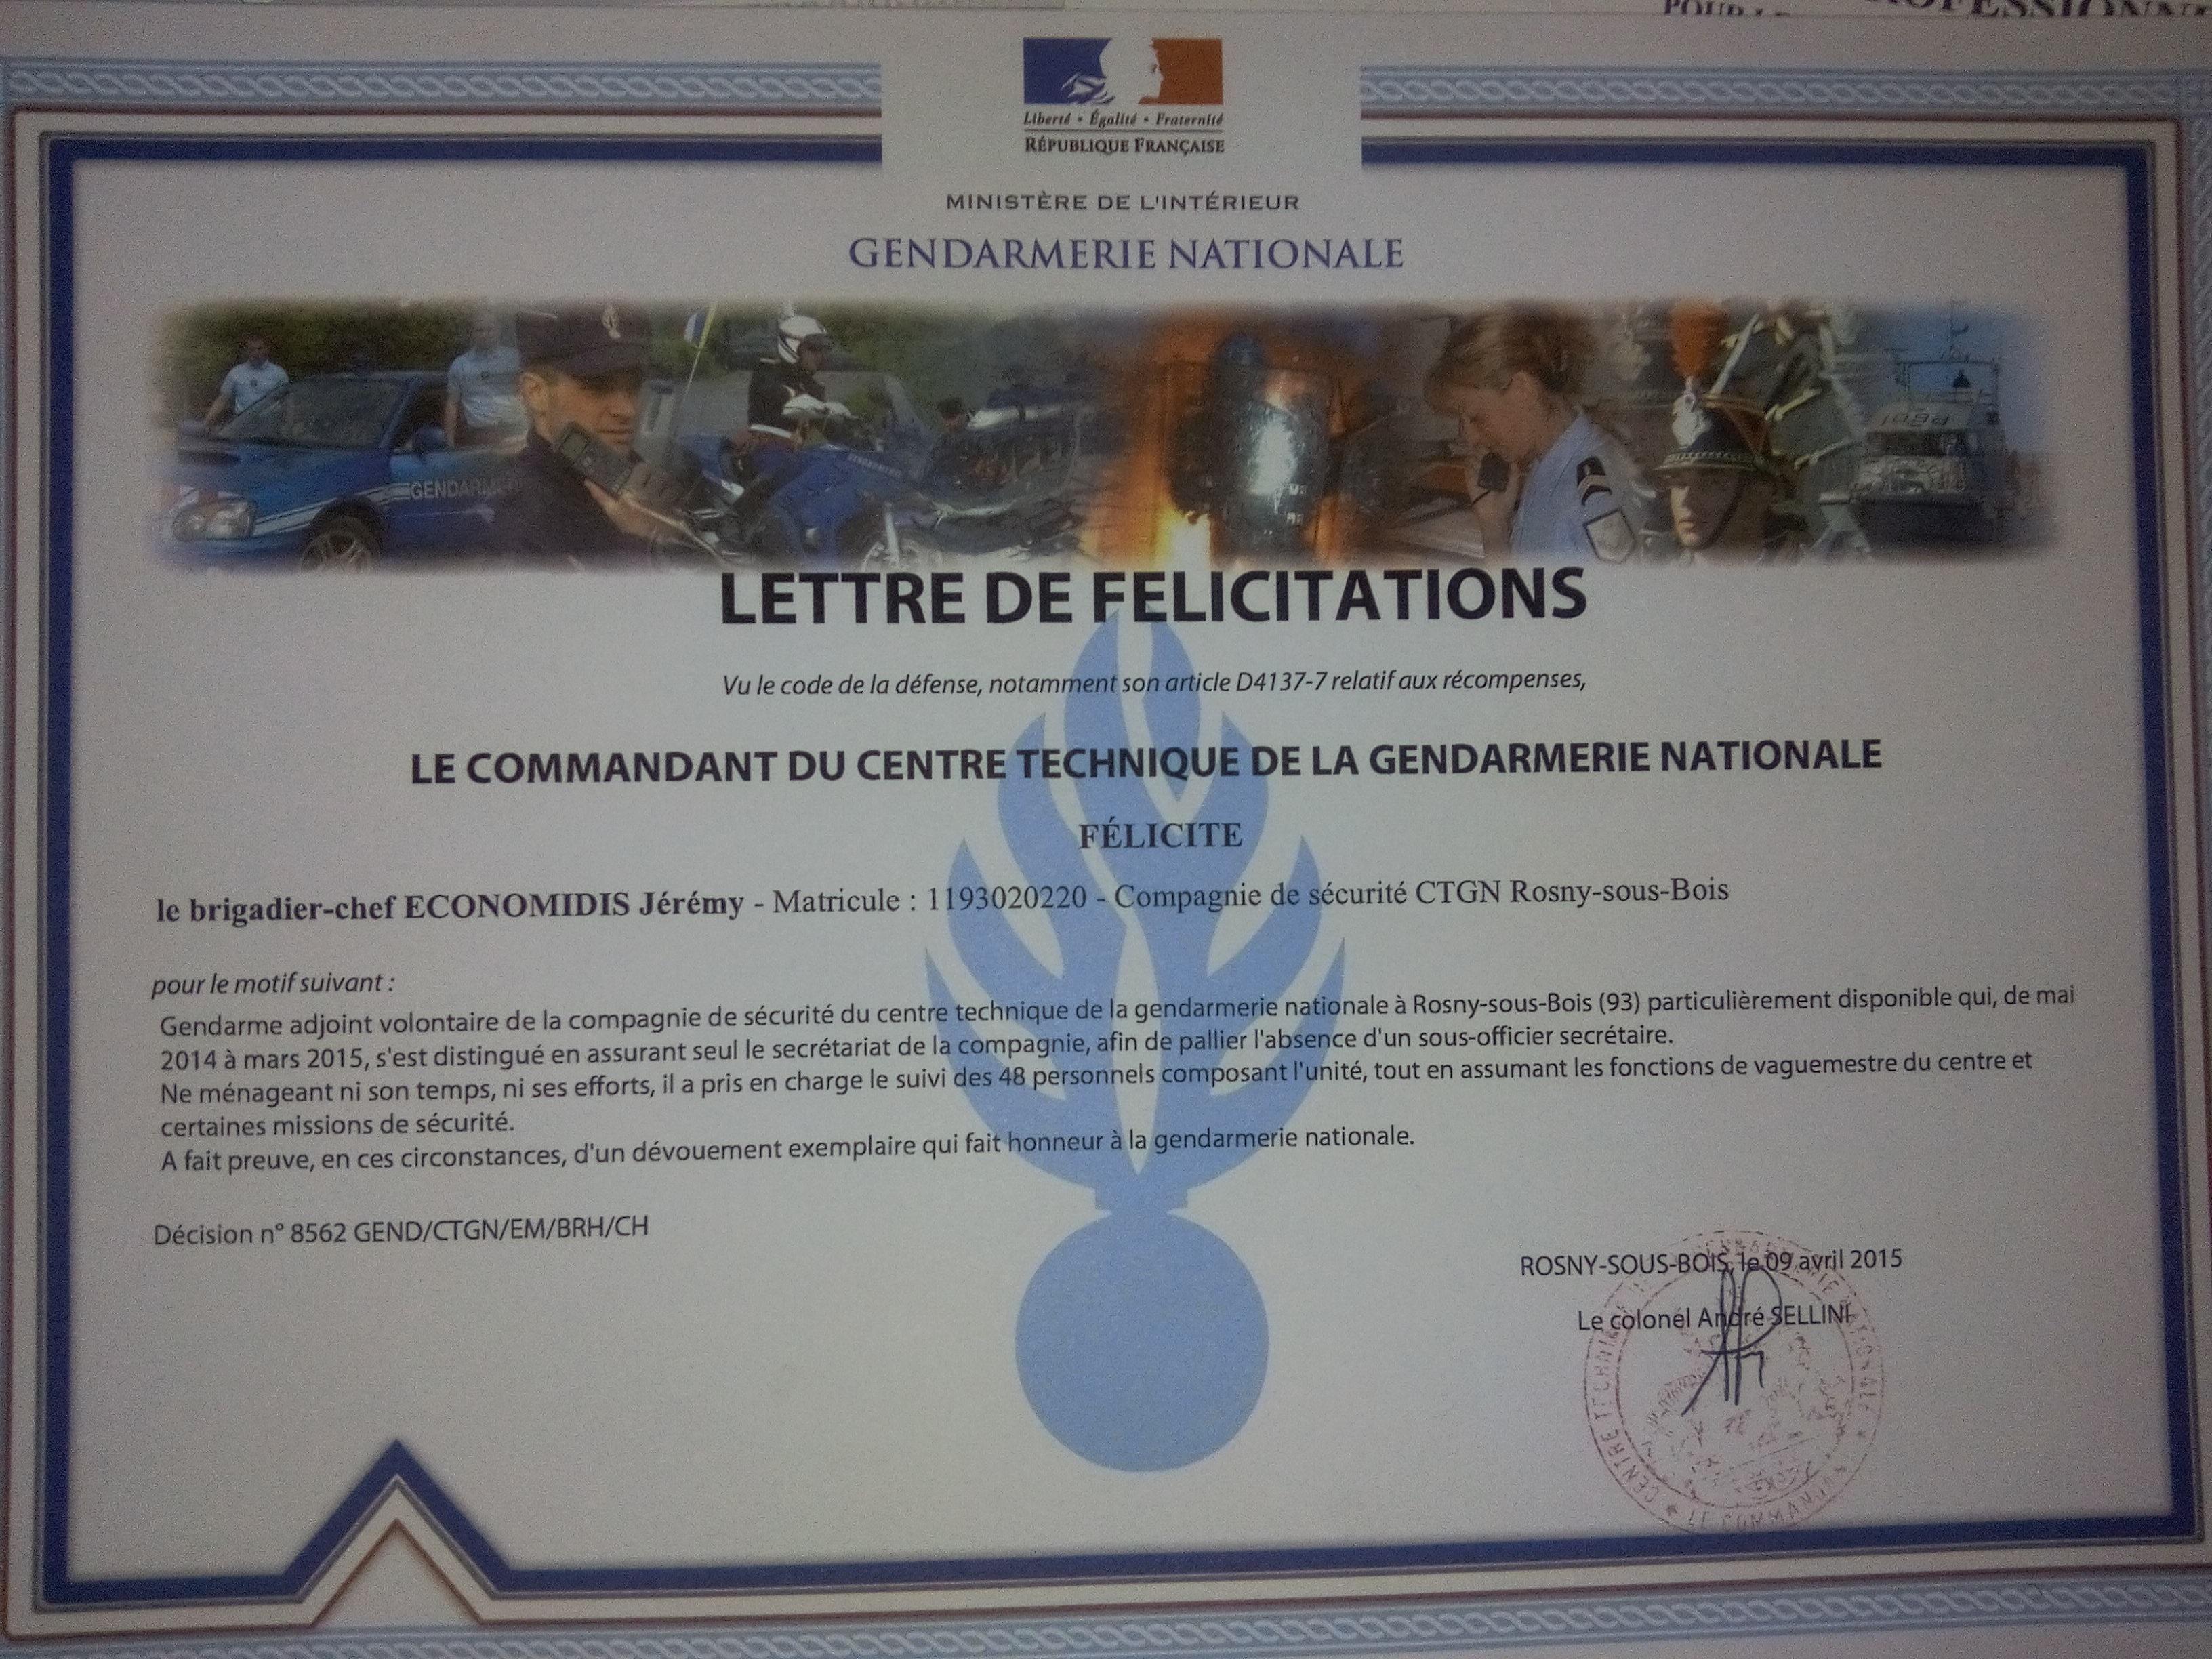 j u00e9r u00e9my economidis - cv - gendarme adjoint volontaire